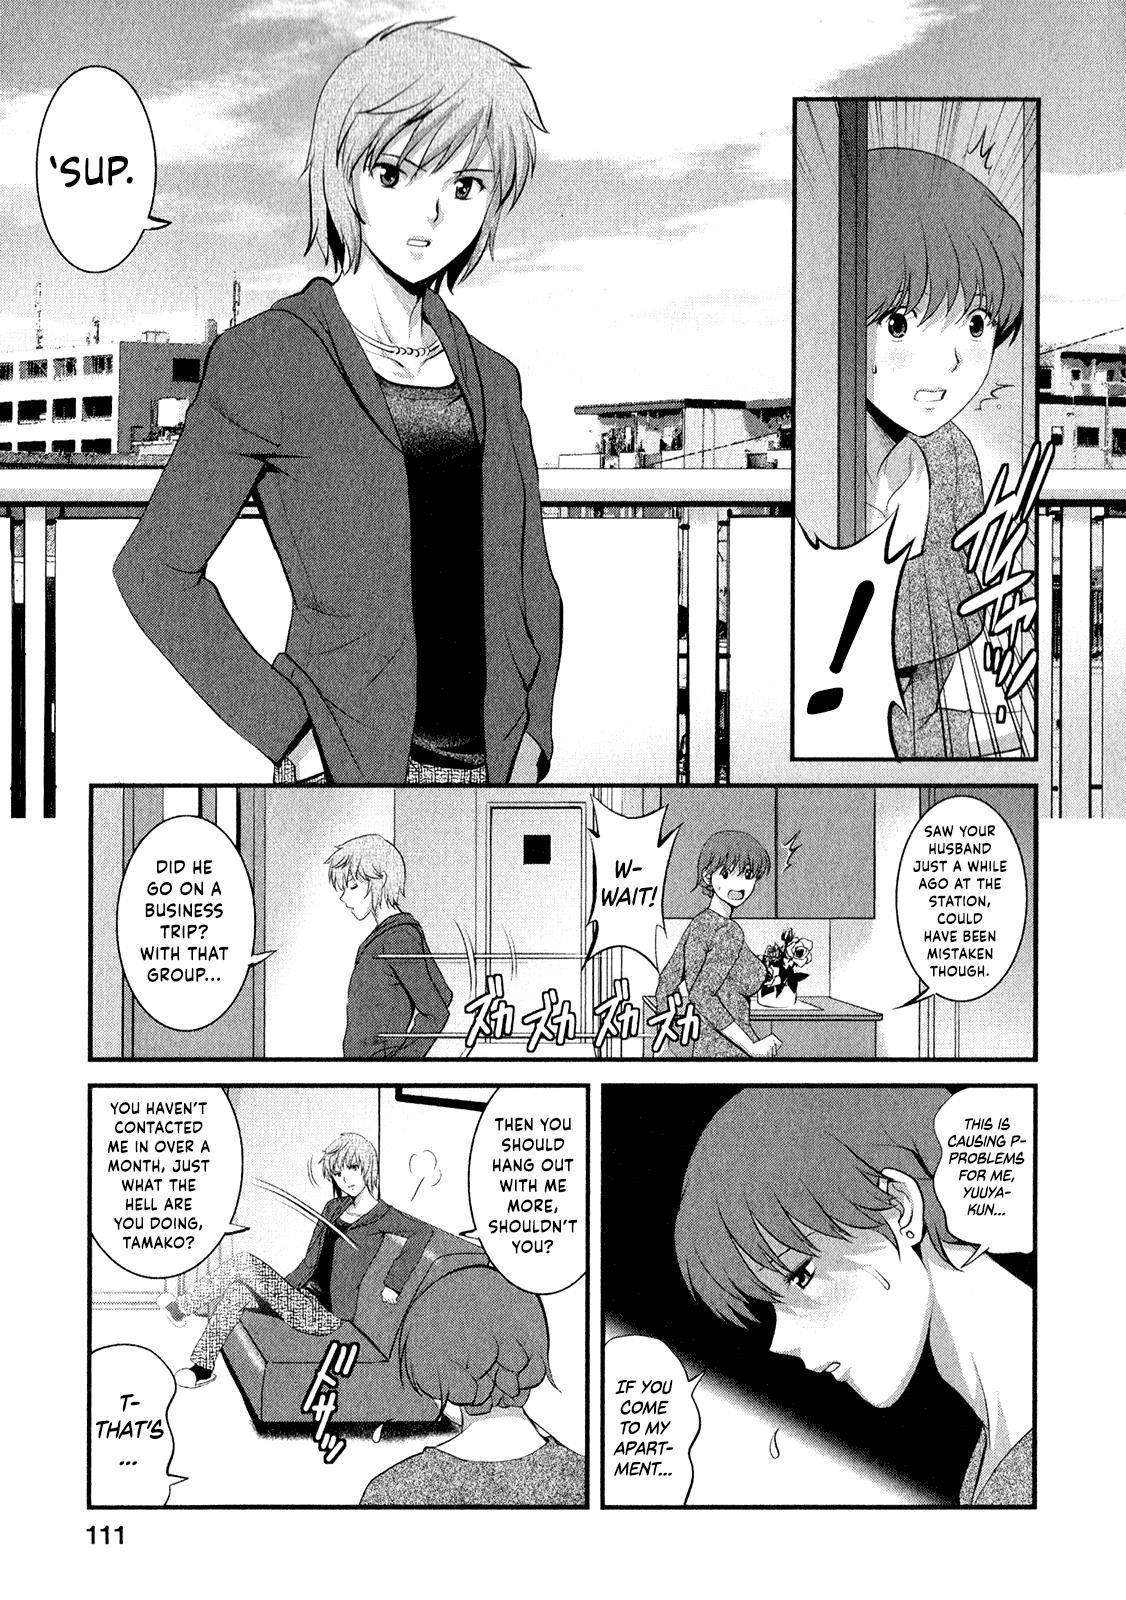 [Saigado] Hitozuma Audrey-san no Himitsu ~30-sai kara no Furyou Tsuma Kouza~ - Vol. 2 [English] {Hennojin} 117